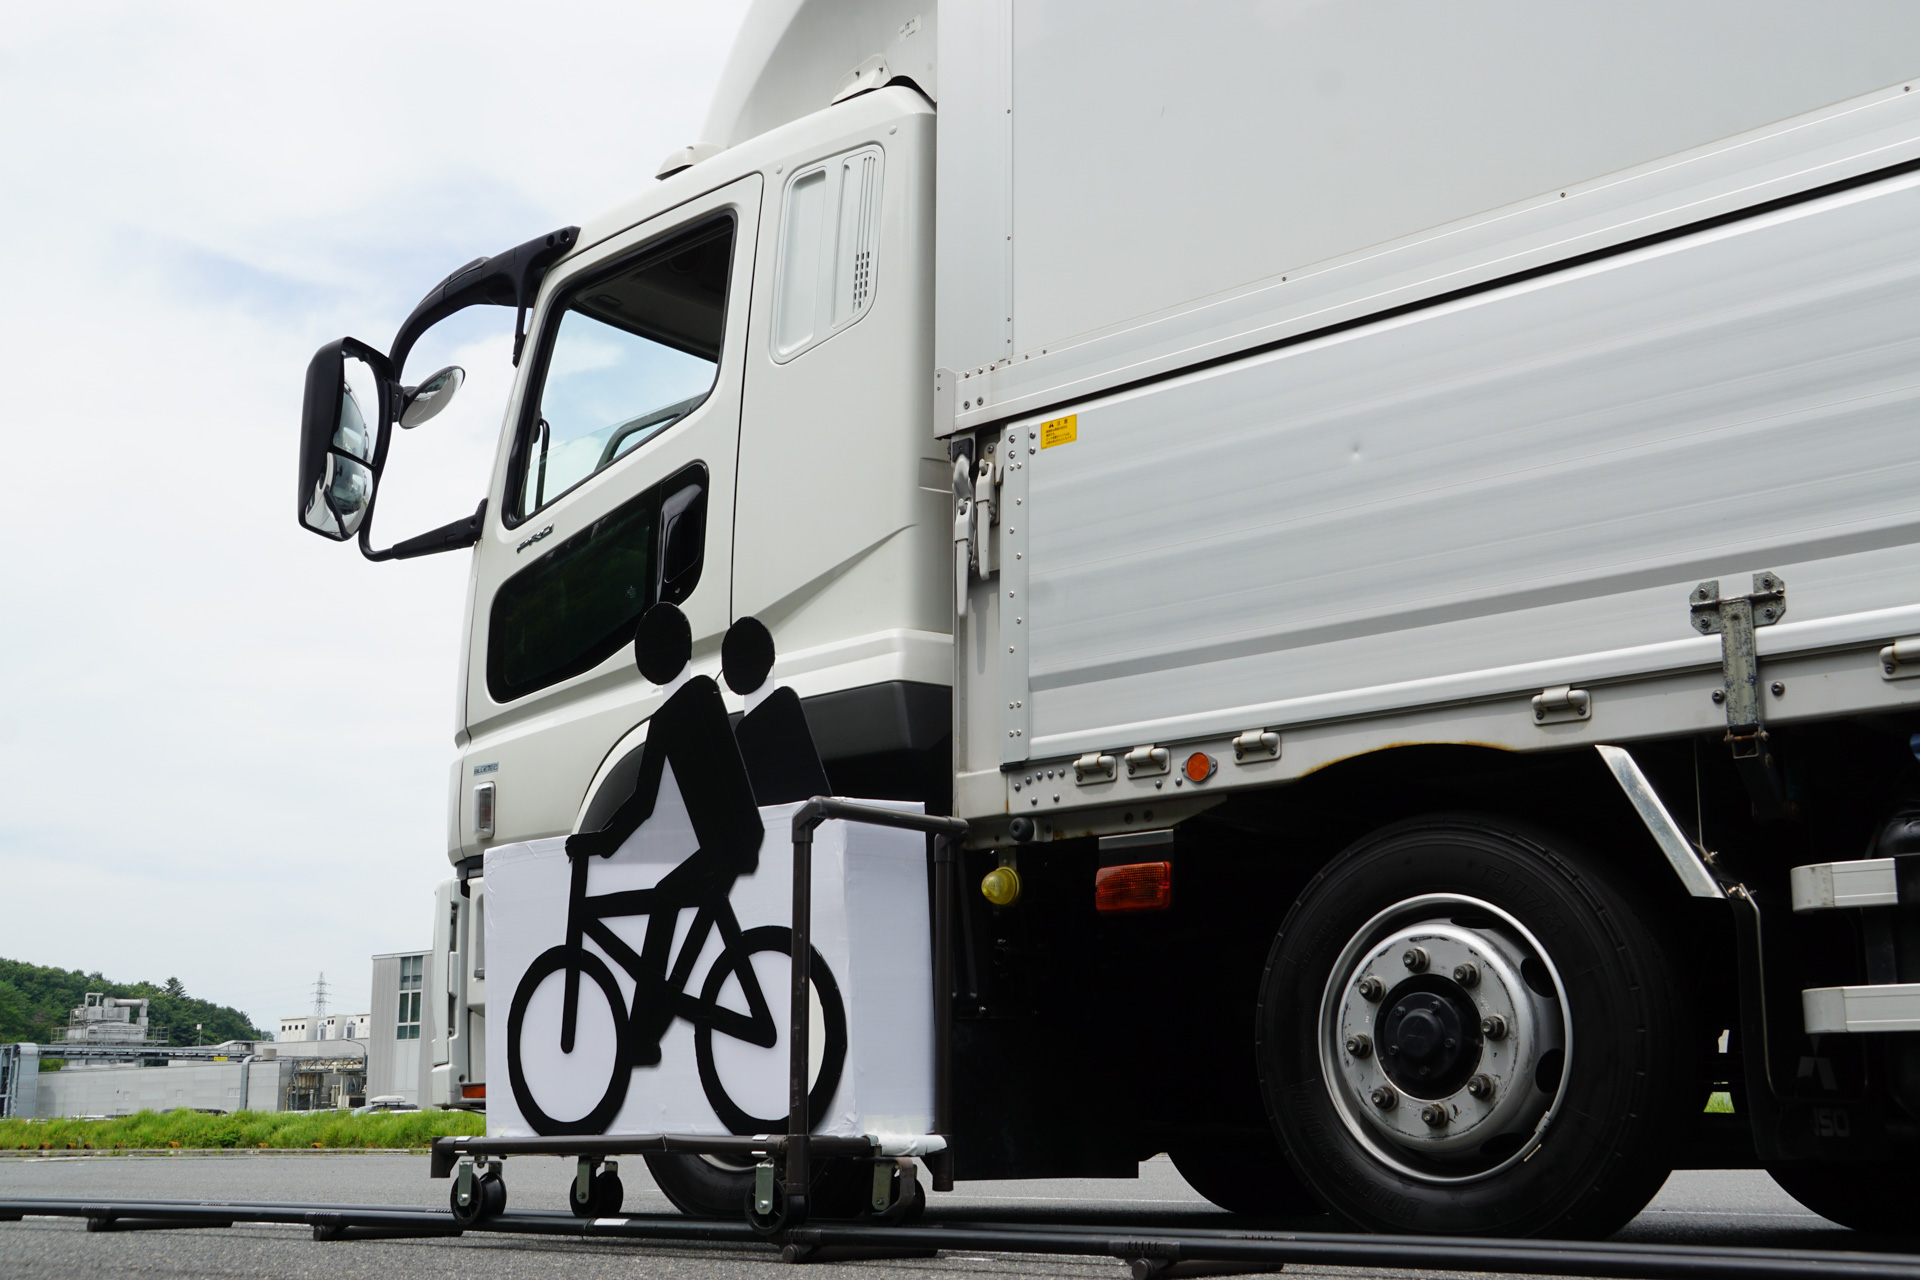 トラックと並走してくる自転車に見立てた模擬装置を使ってデモンストレーションが行なわれた